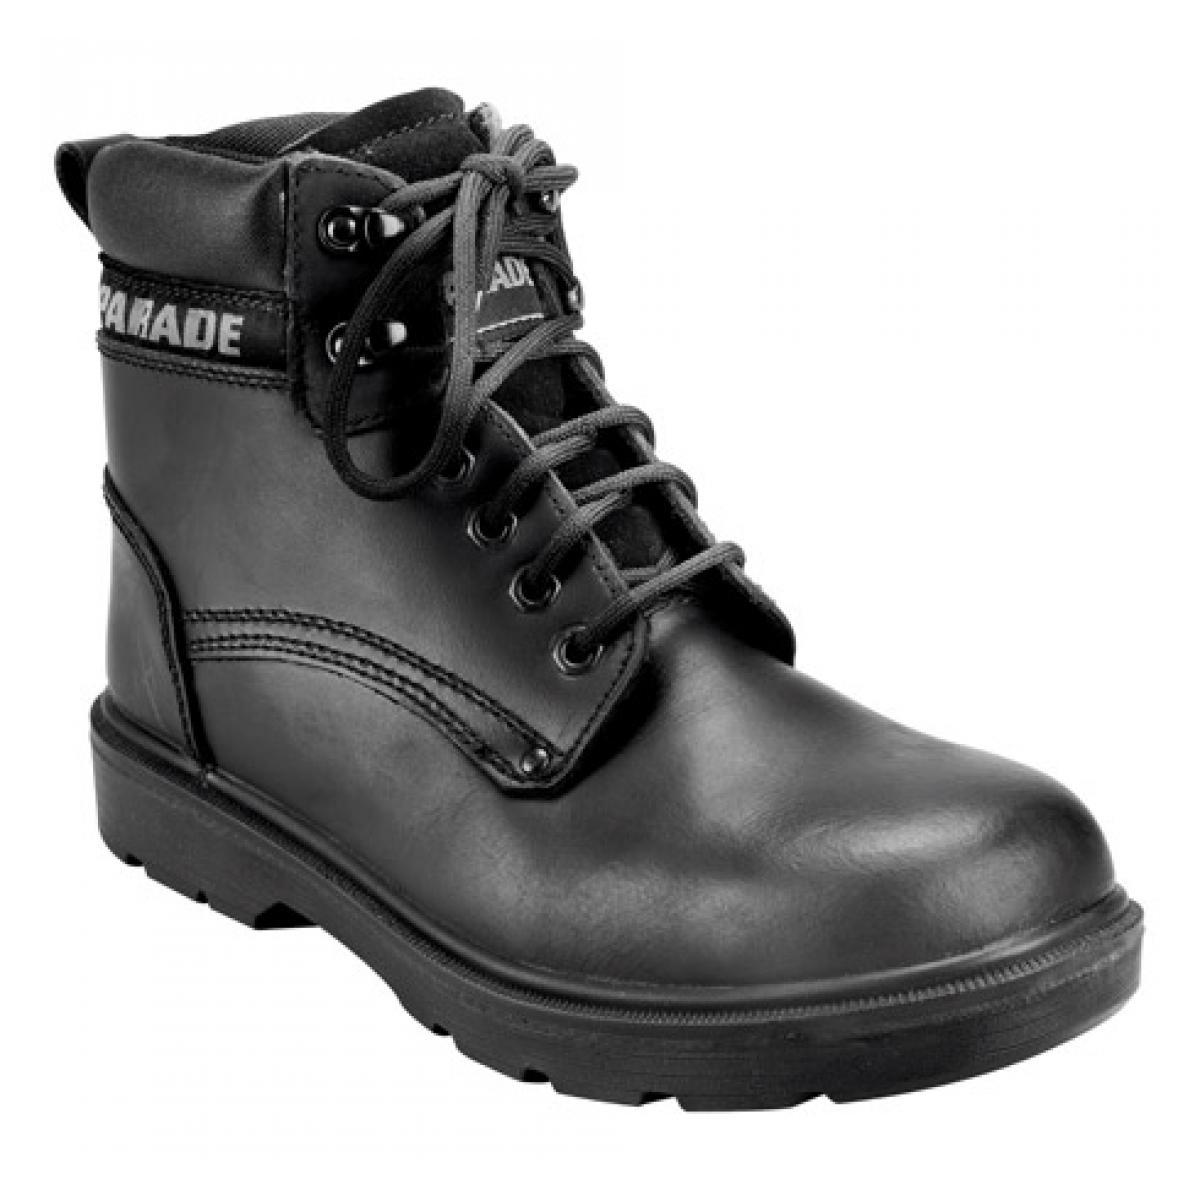 Parade Paire de chaussures brodequins Parade Kansas - noir - Pointure 39